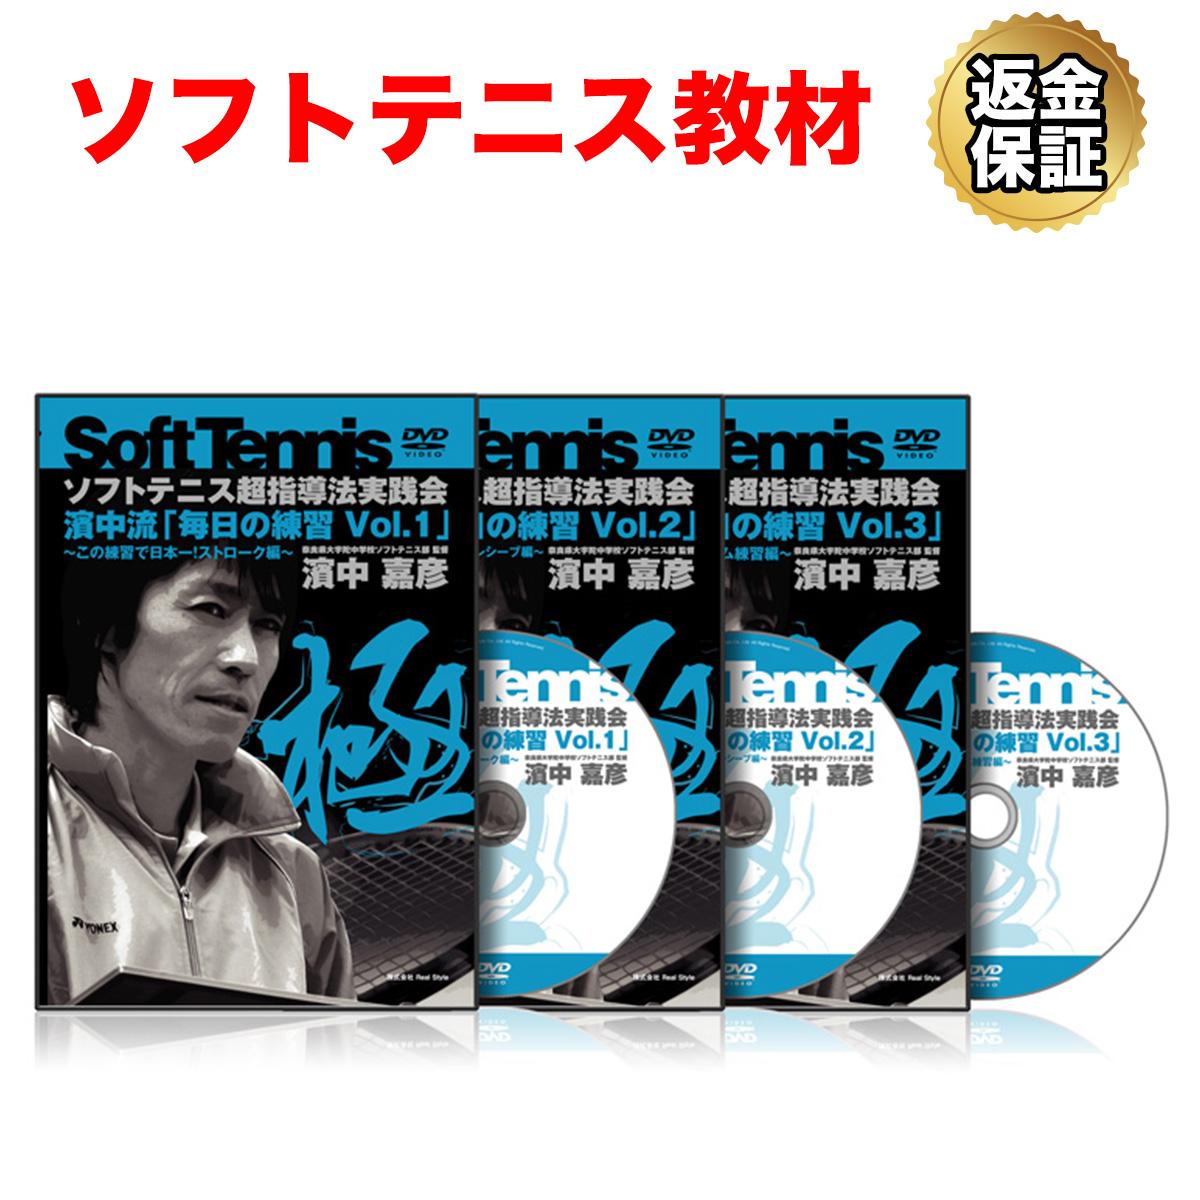 ソフトテニス 教材 DVD 濱中流「毎日の練習メニューコース」